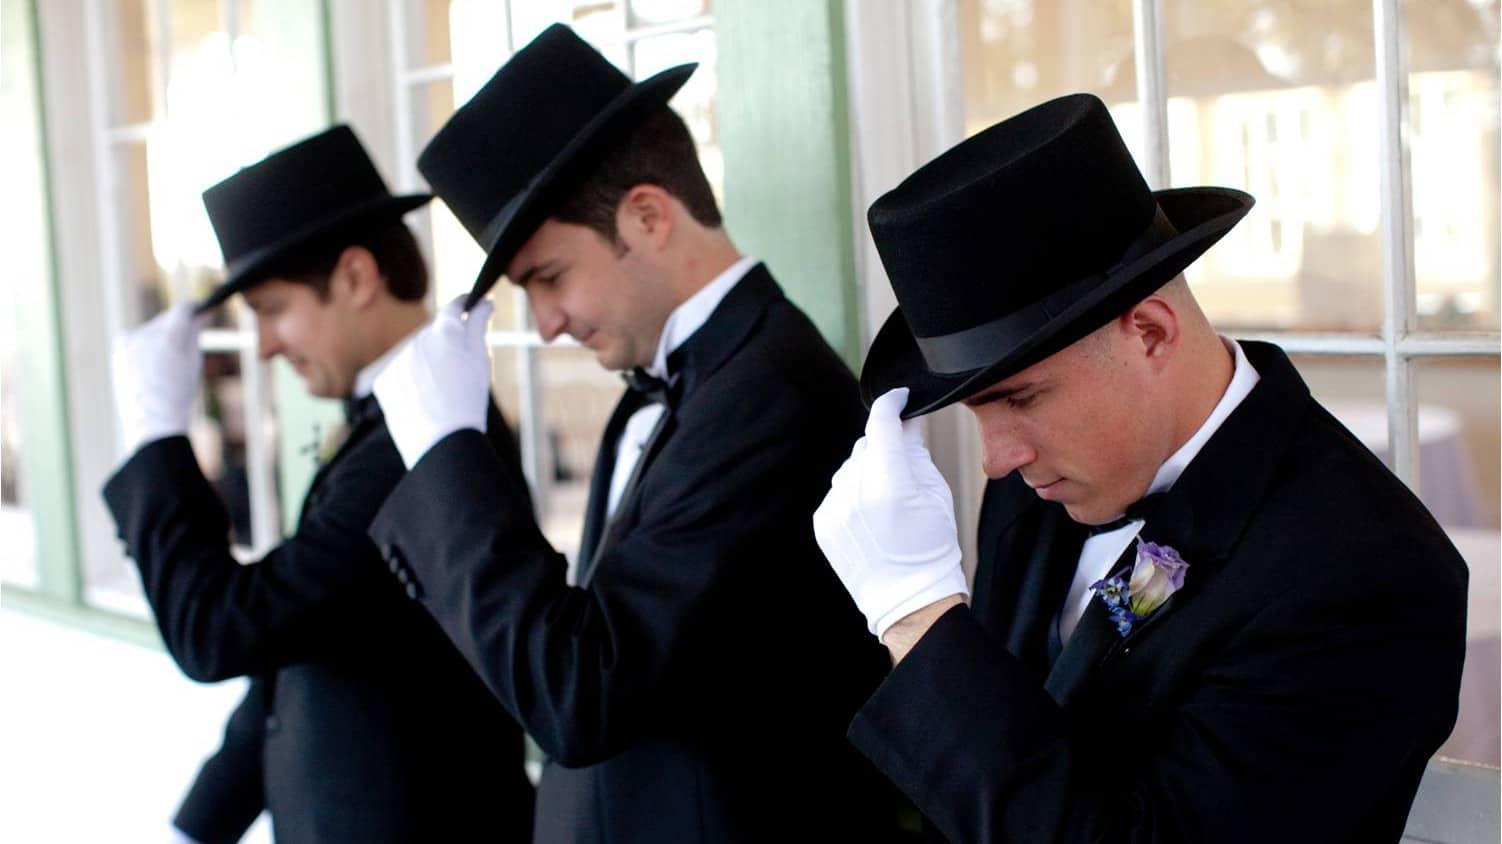 austin-texas-wedding-groomsmen-gentleman-in-black-tux-hat-white-gloves_original